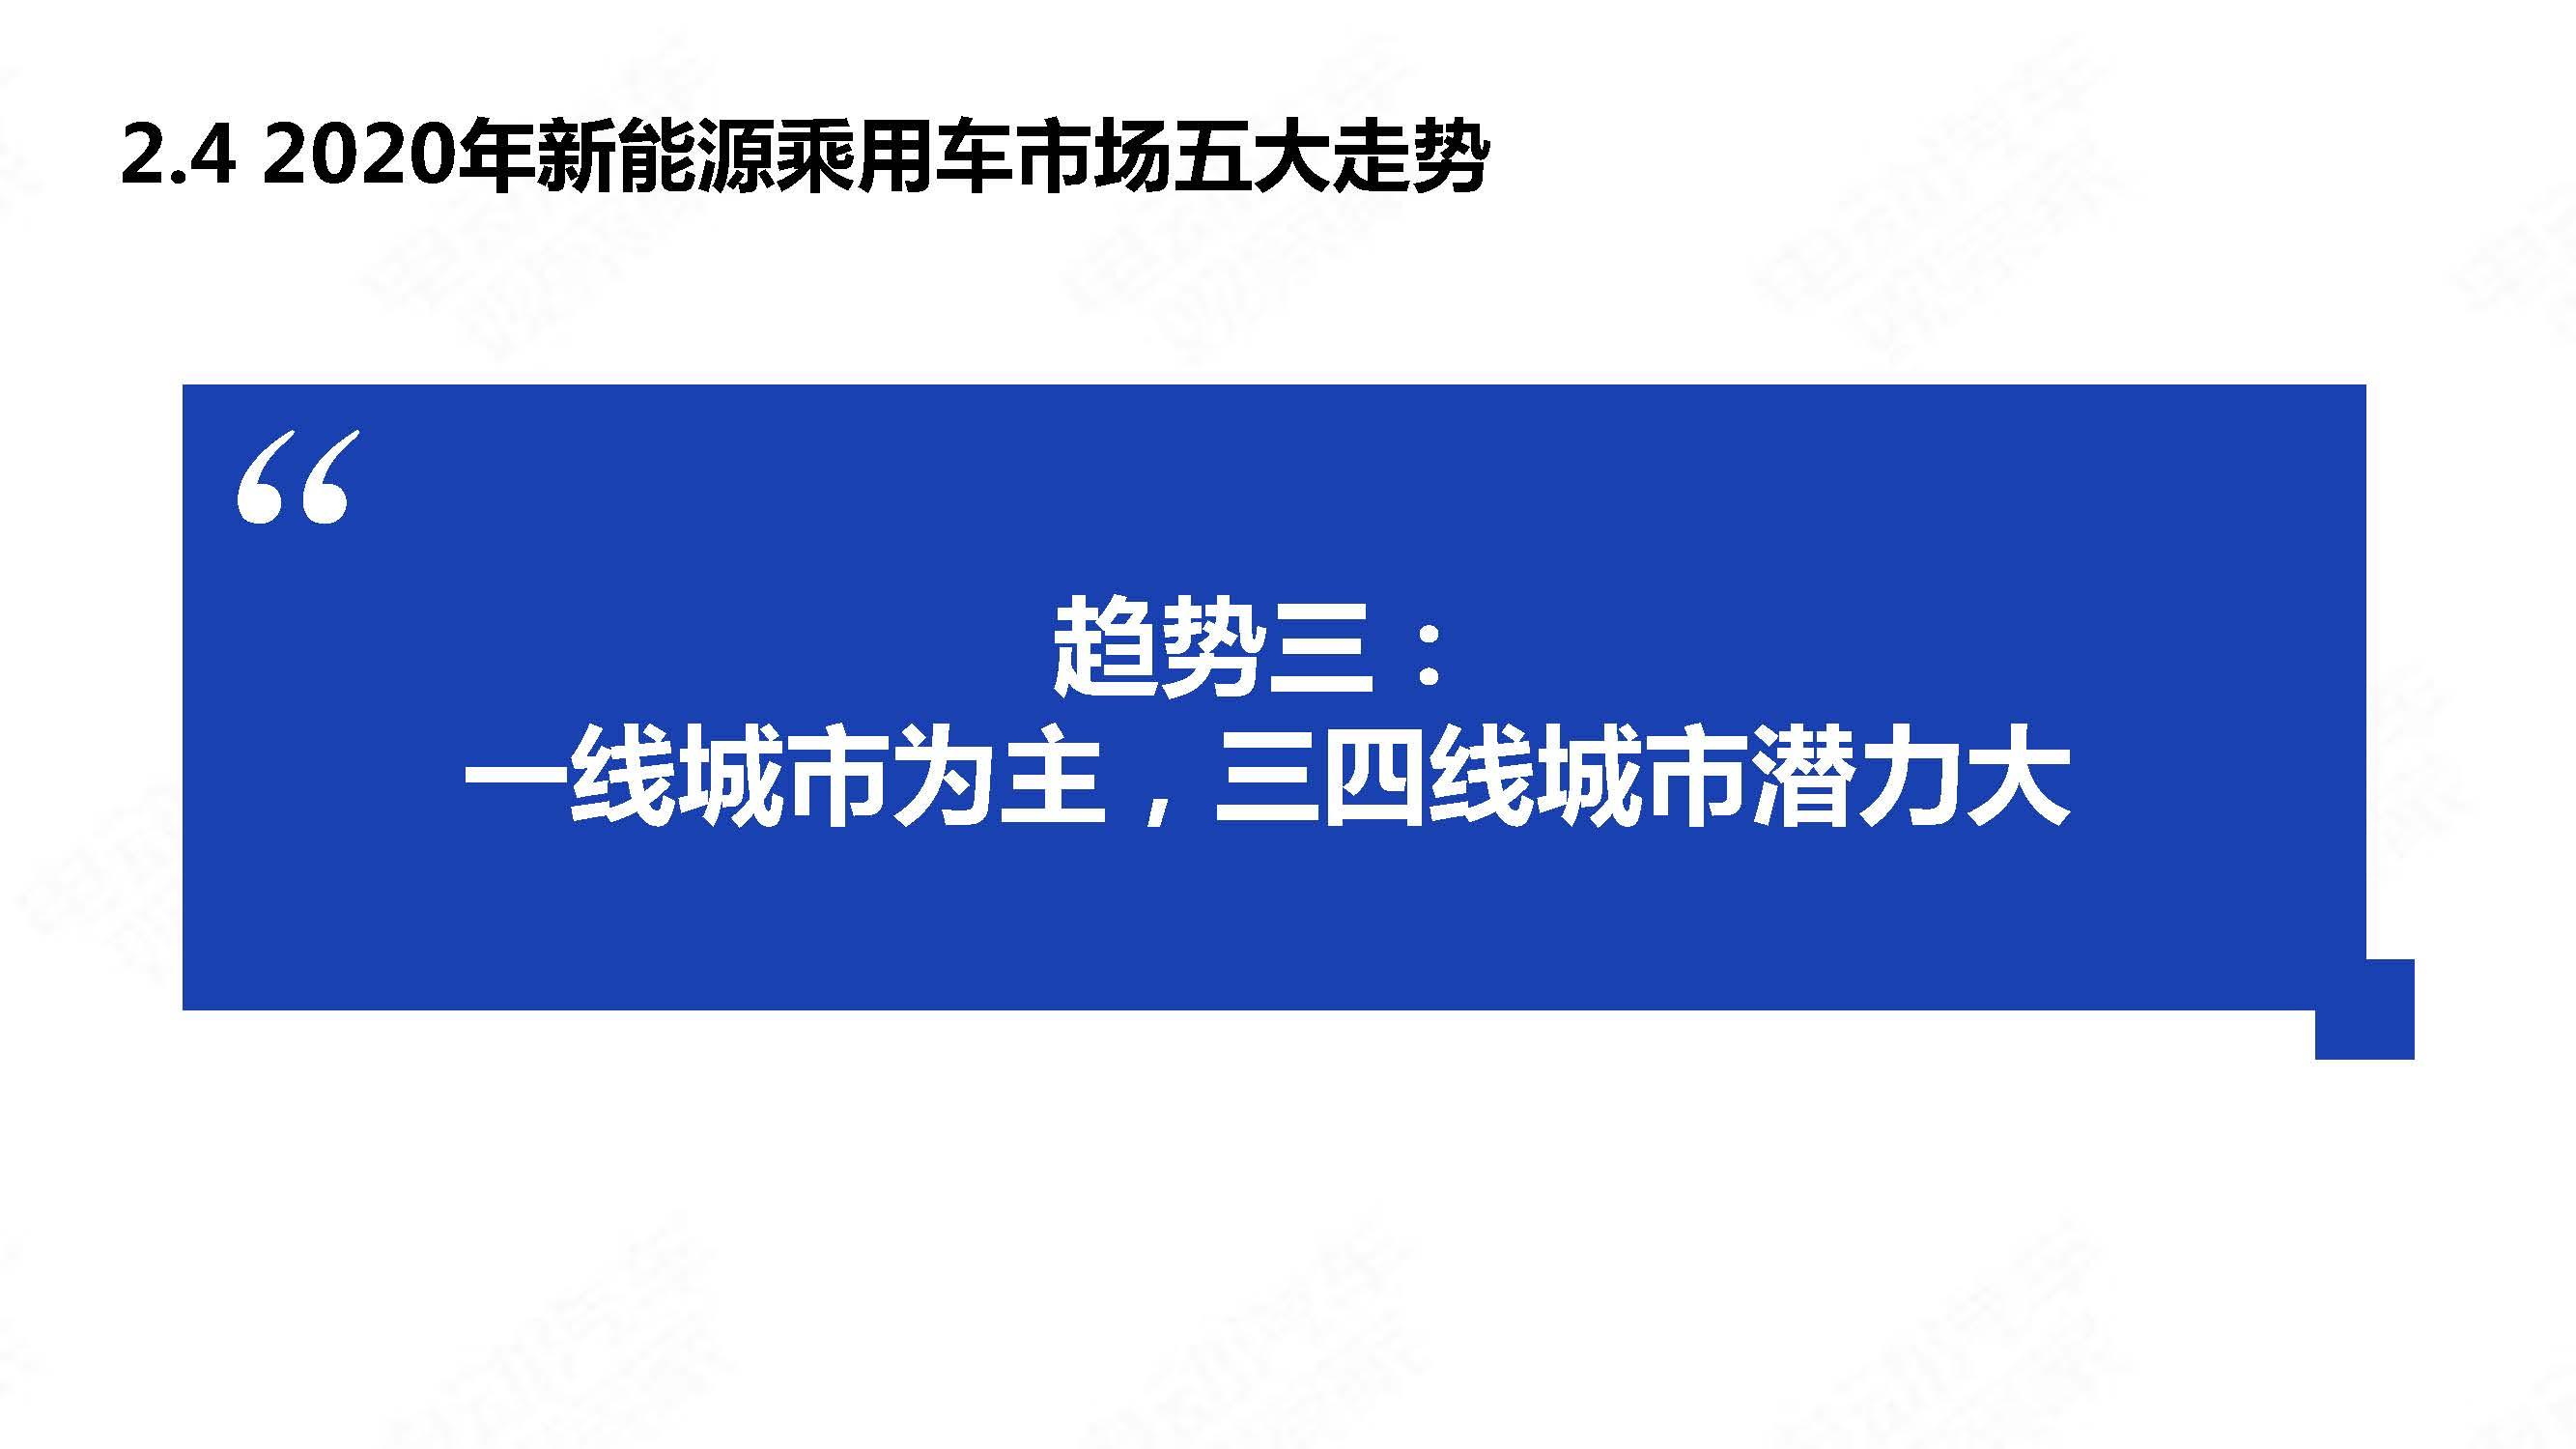 中国新能源汽车产业年度观察2020 简版_页面_21